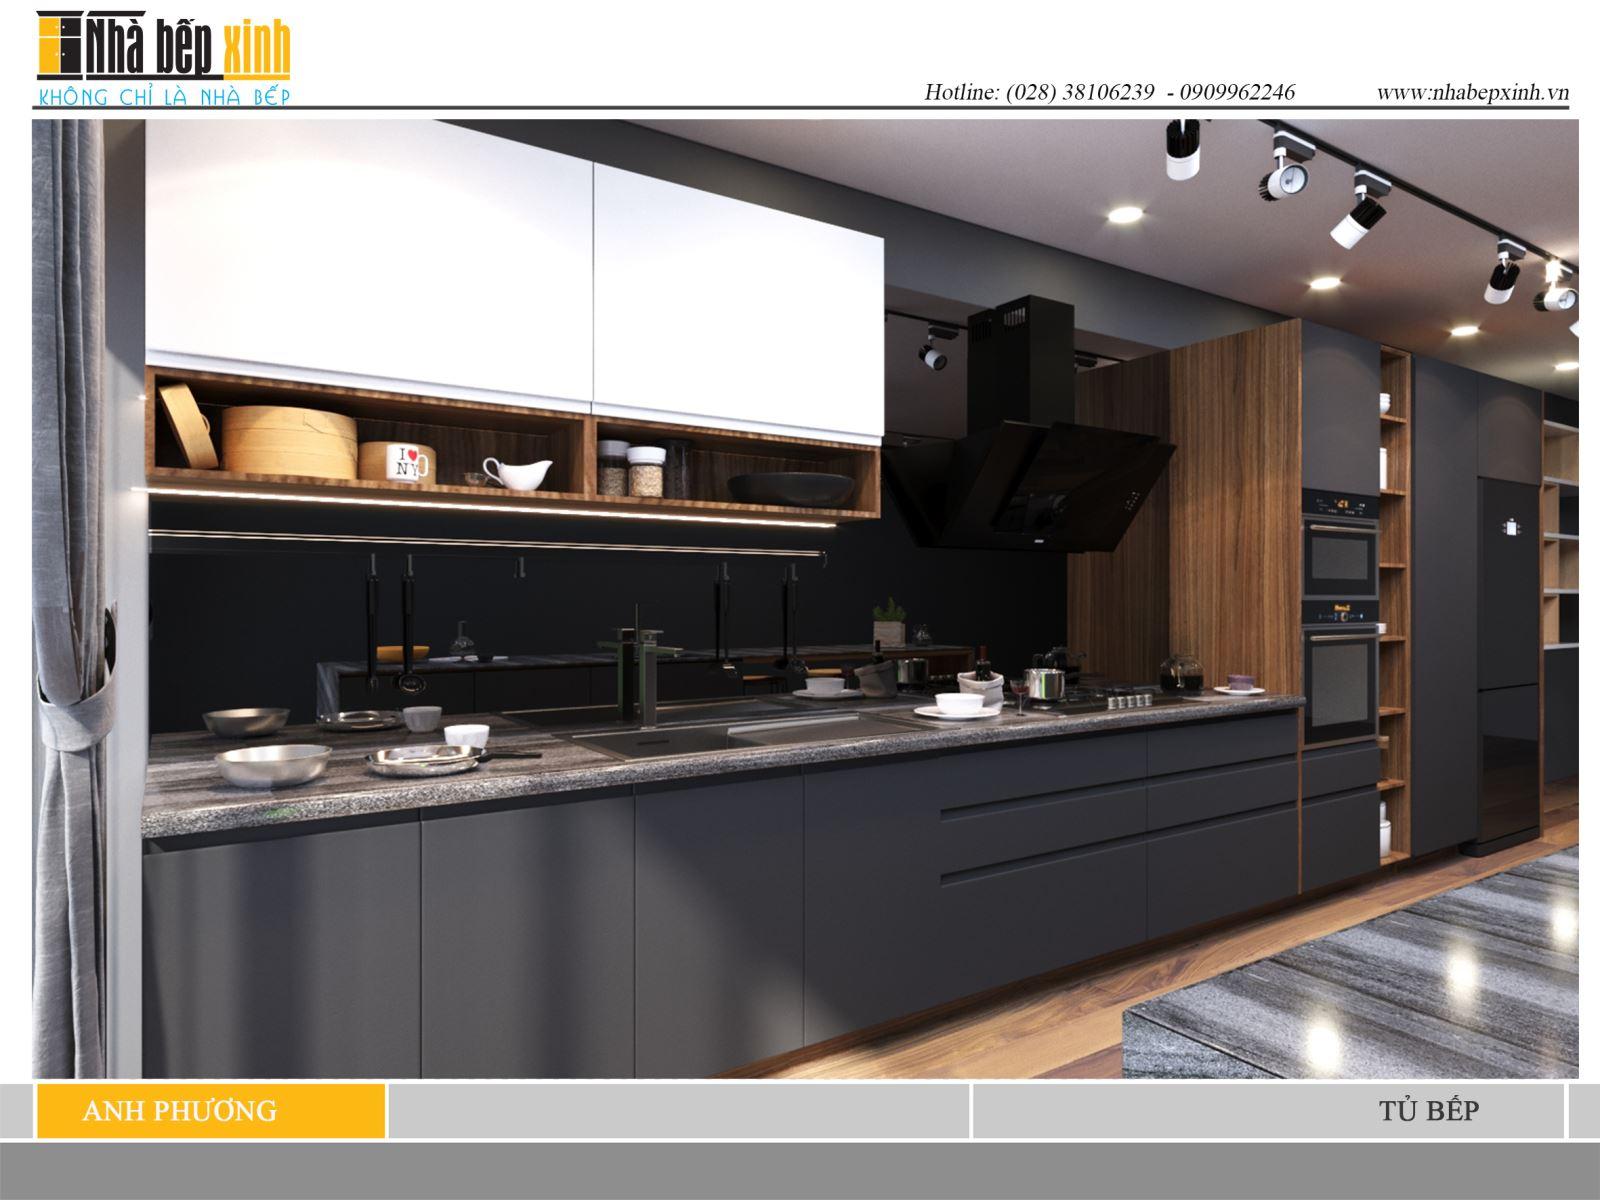 Mẫu tủ bếp hiện đại trầm ấm cho nhà bếp